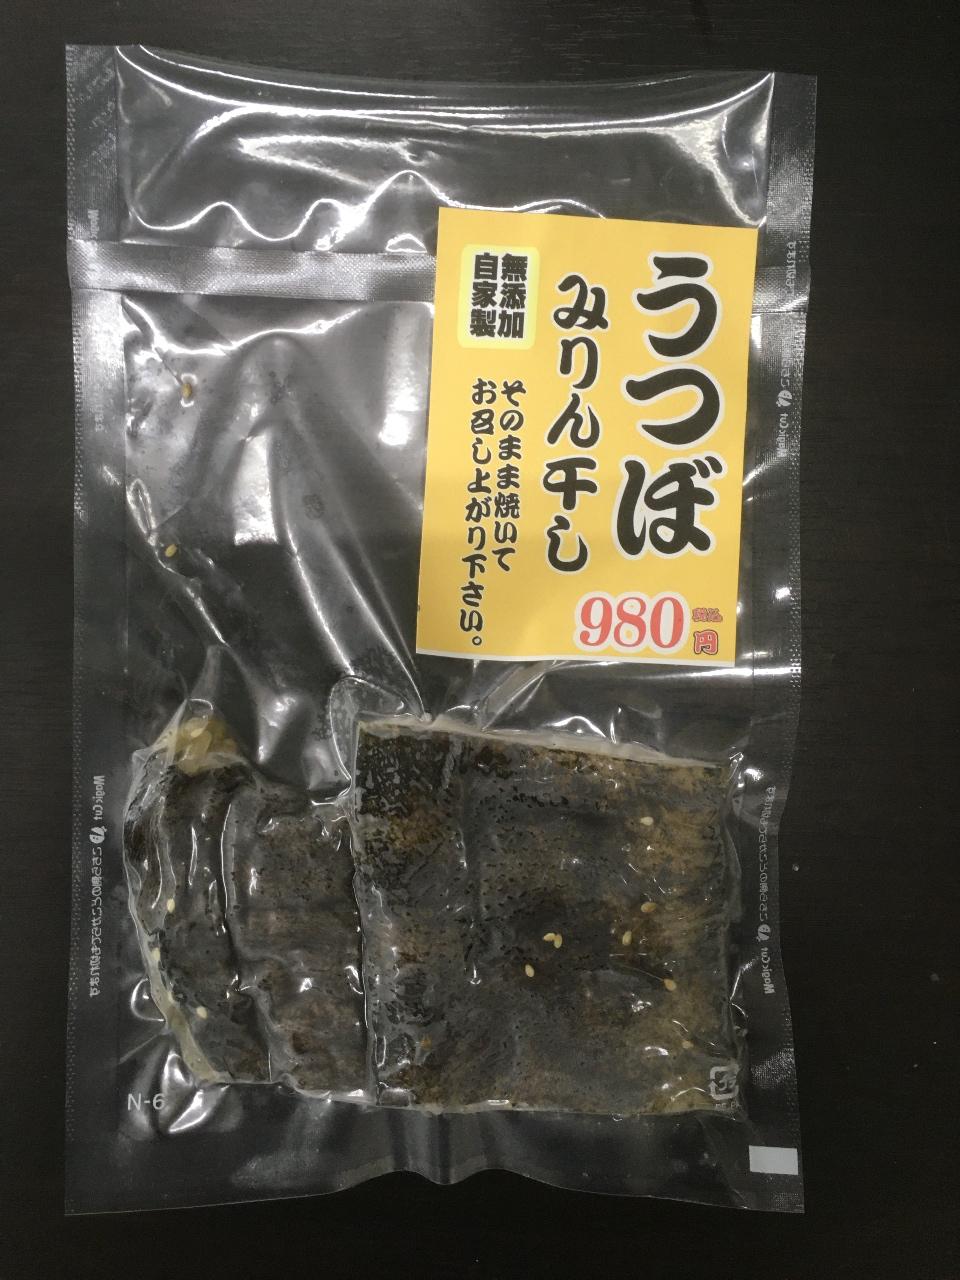 釣太郎キッチン・オリジナル商品「ウツボみりん干し」。もちろん手作り。